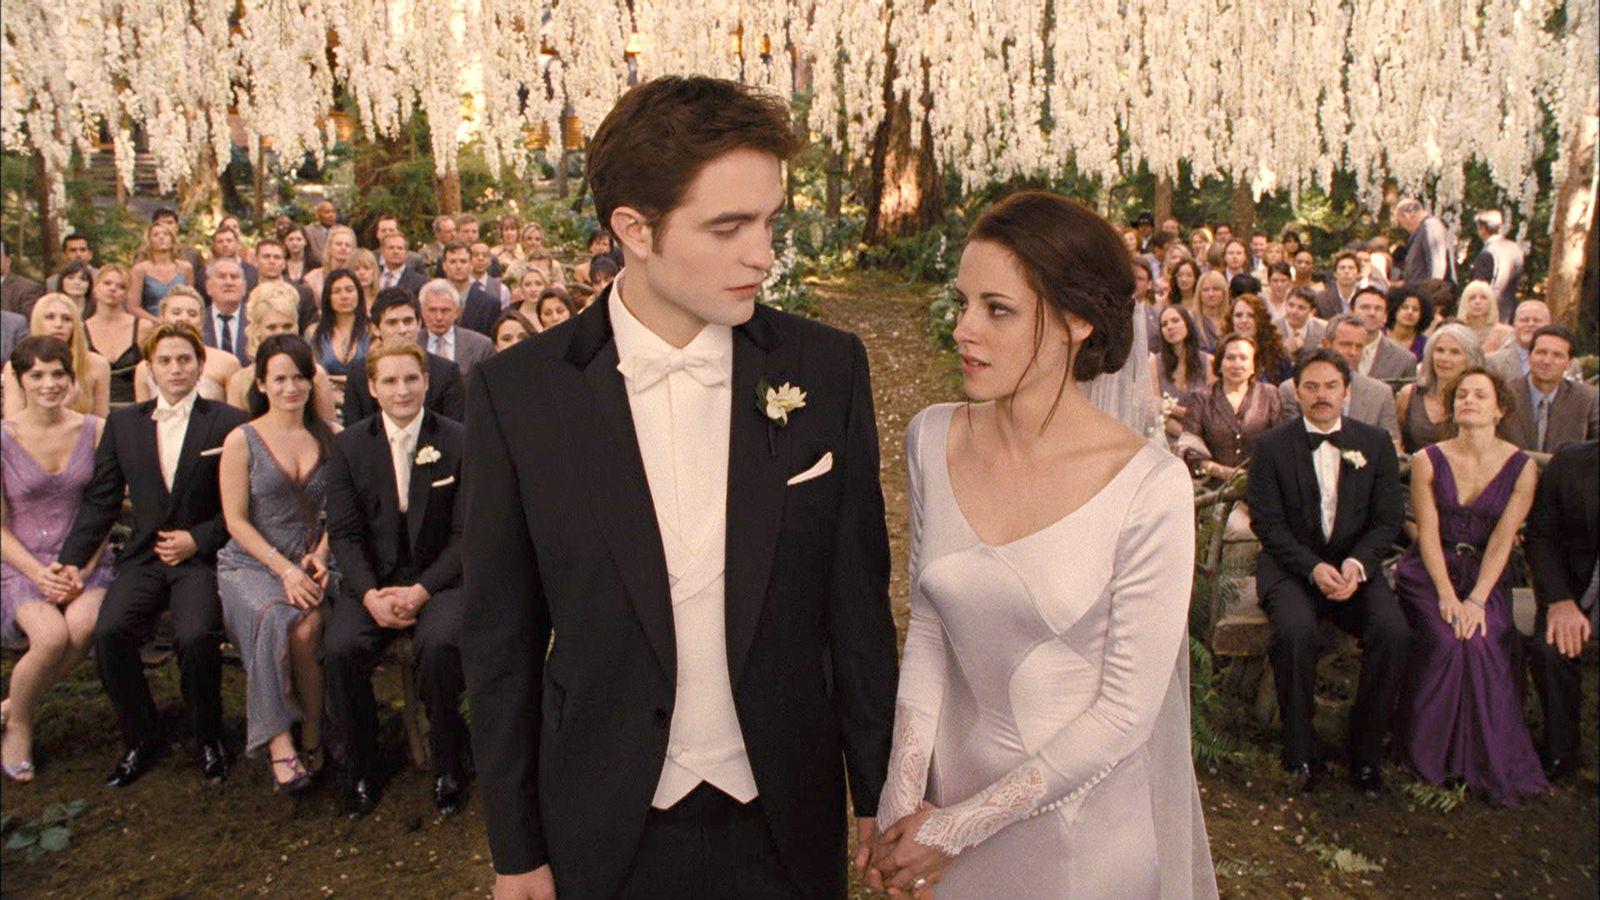 Breaking Dawn Wedding Myweddingwilllooklikethis Casamento Crepusculo Casamento No Amanhecer Casamento De Bella E Edward